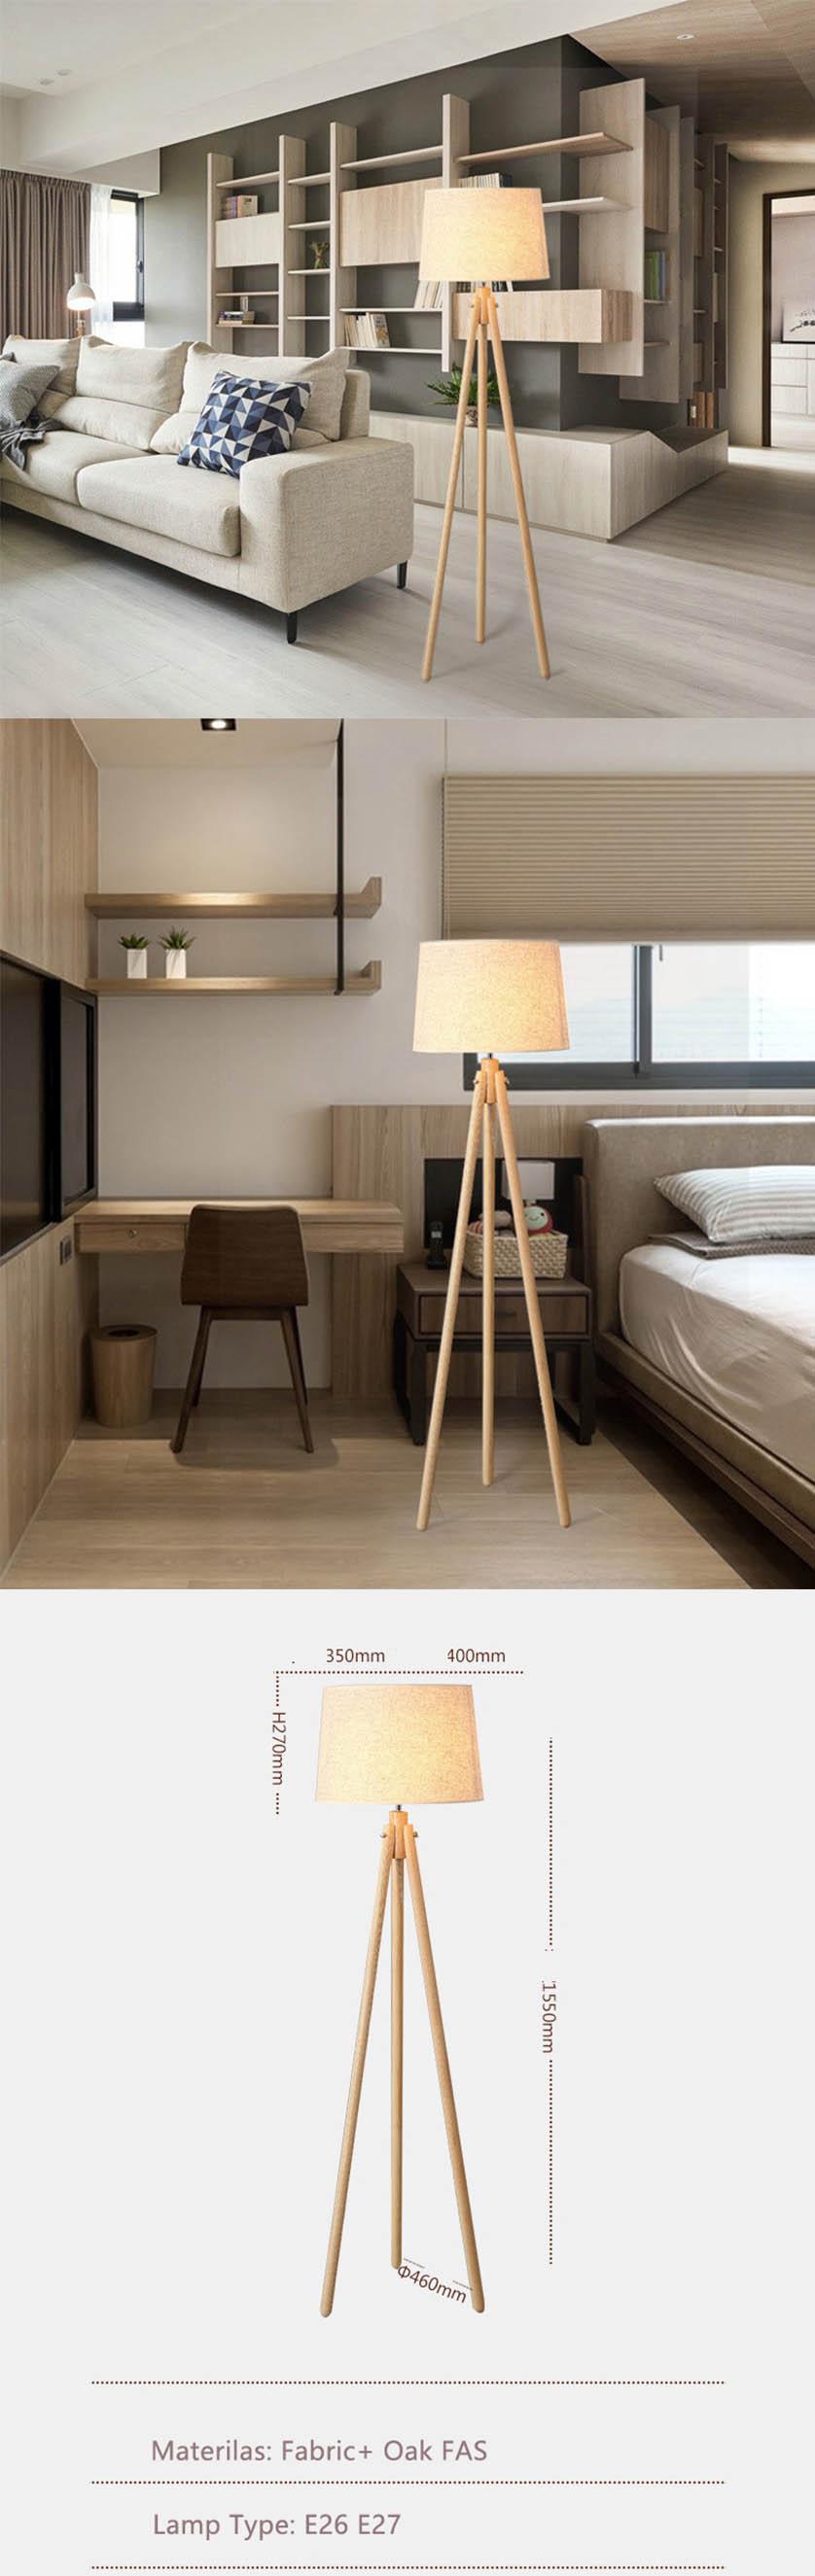 wooden floor light